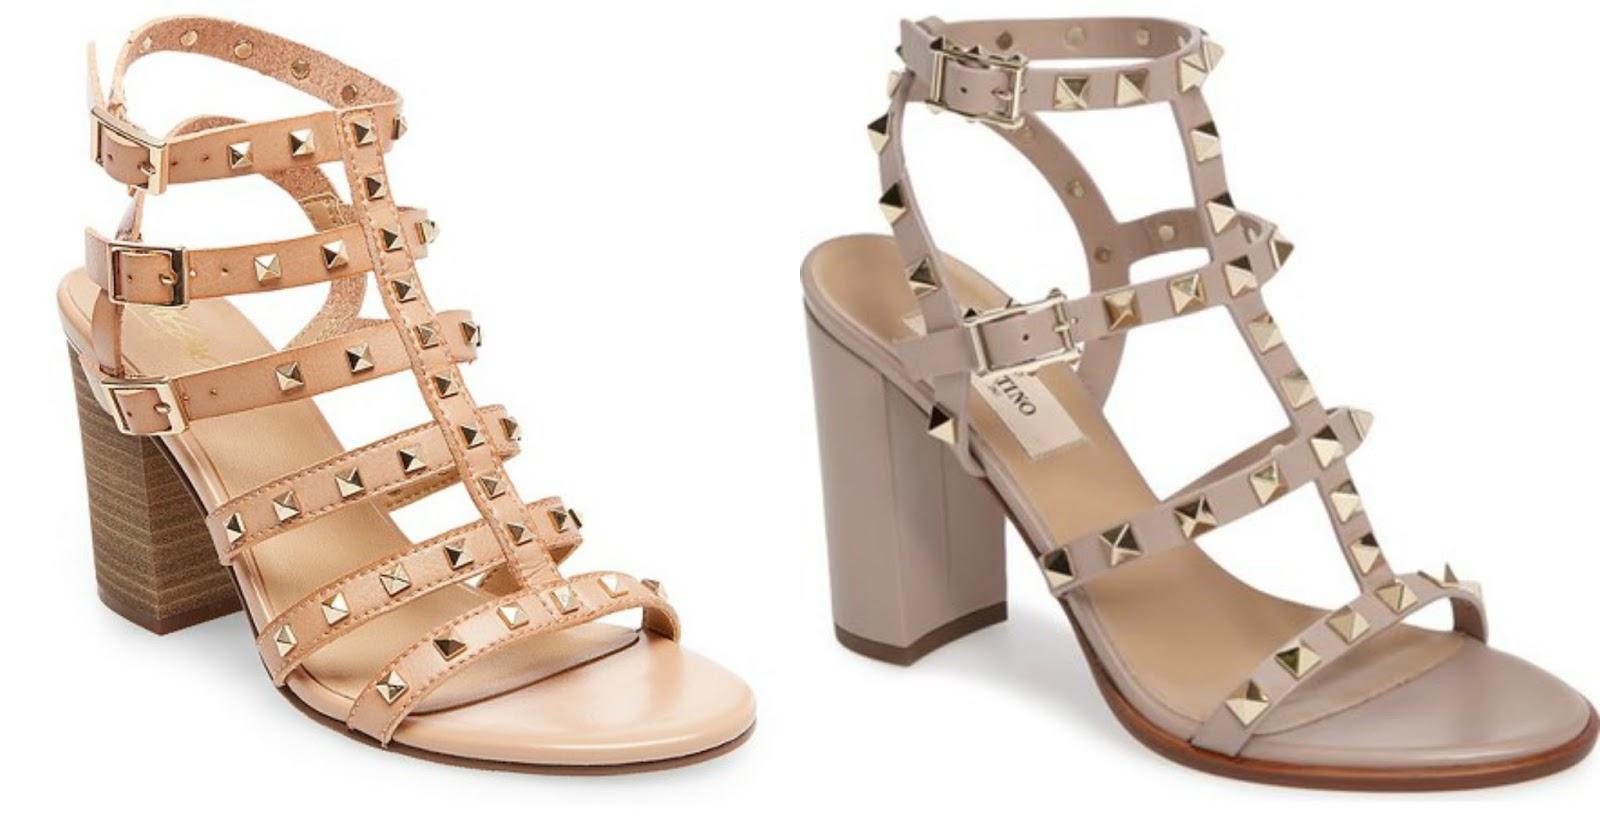 Valentino sandals shoes price -  24 99 Versus 117 95